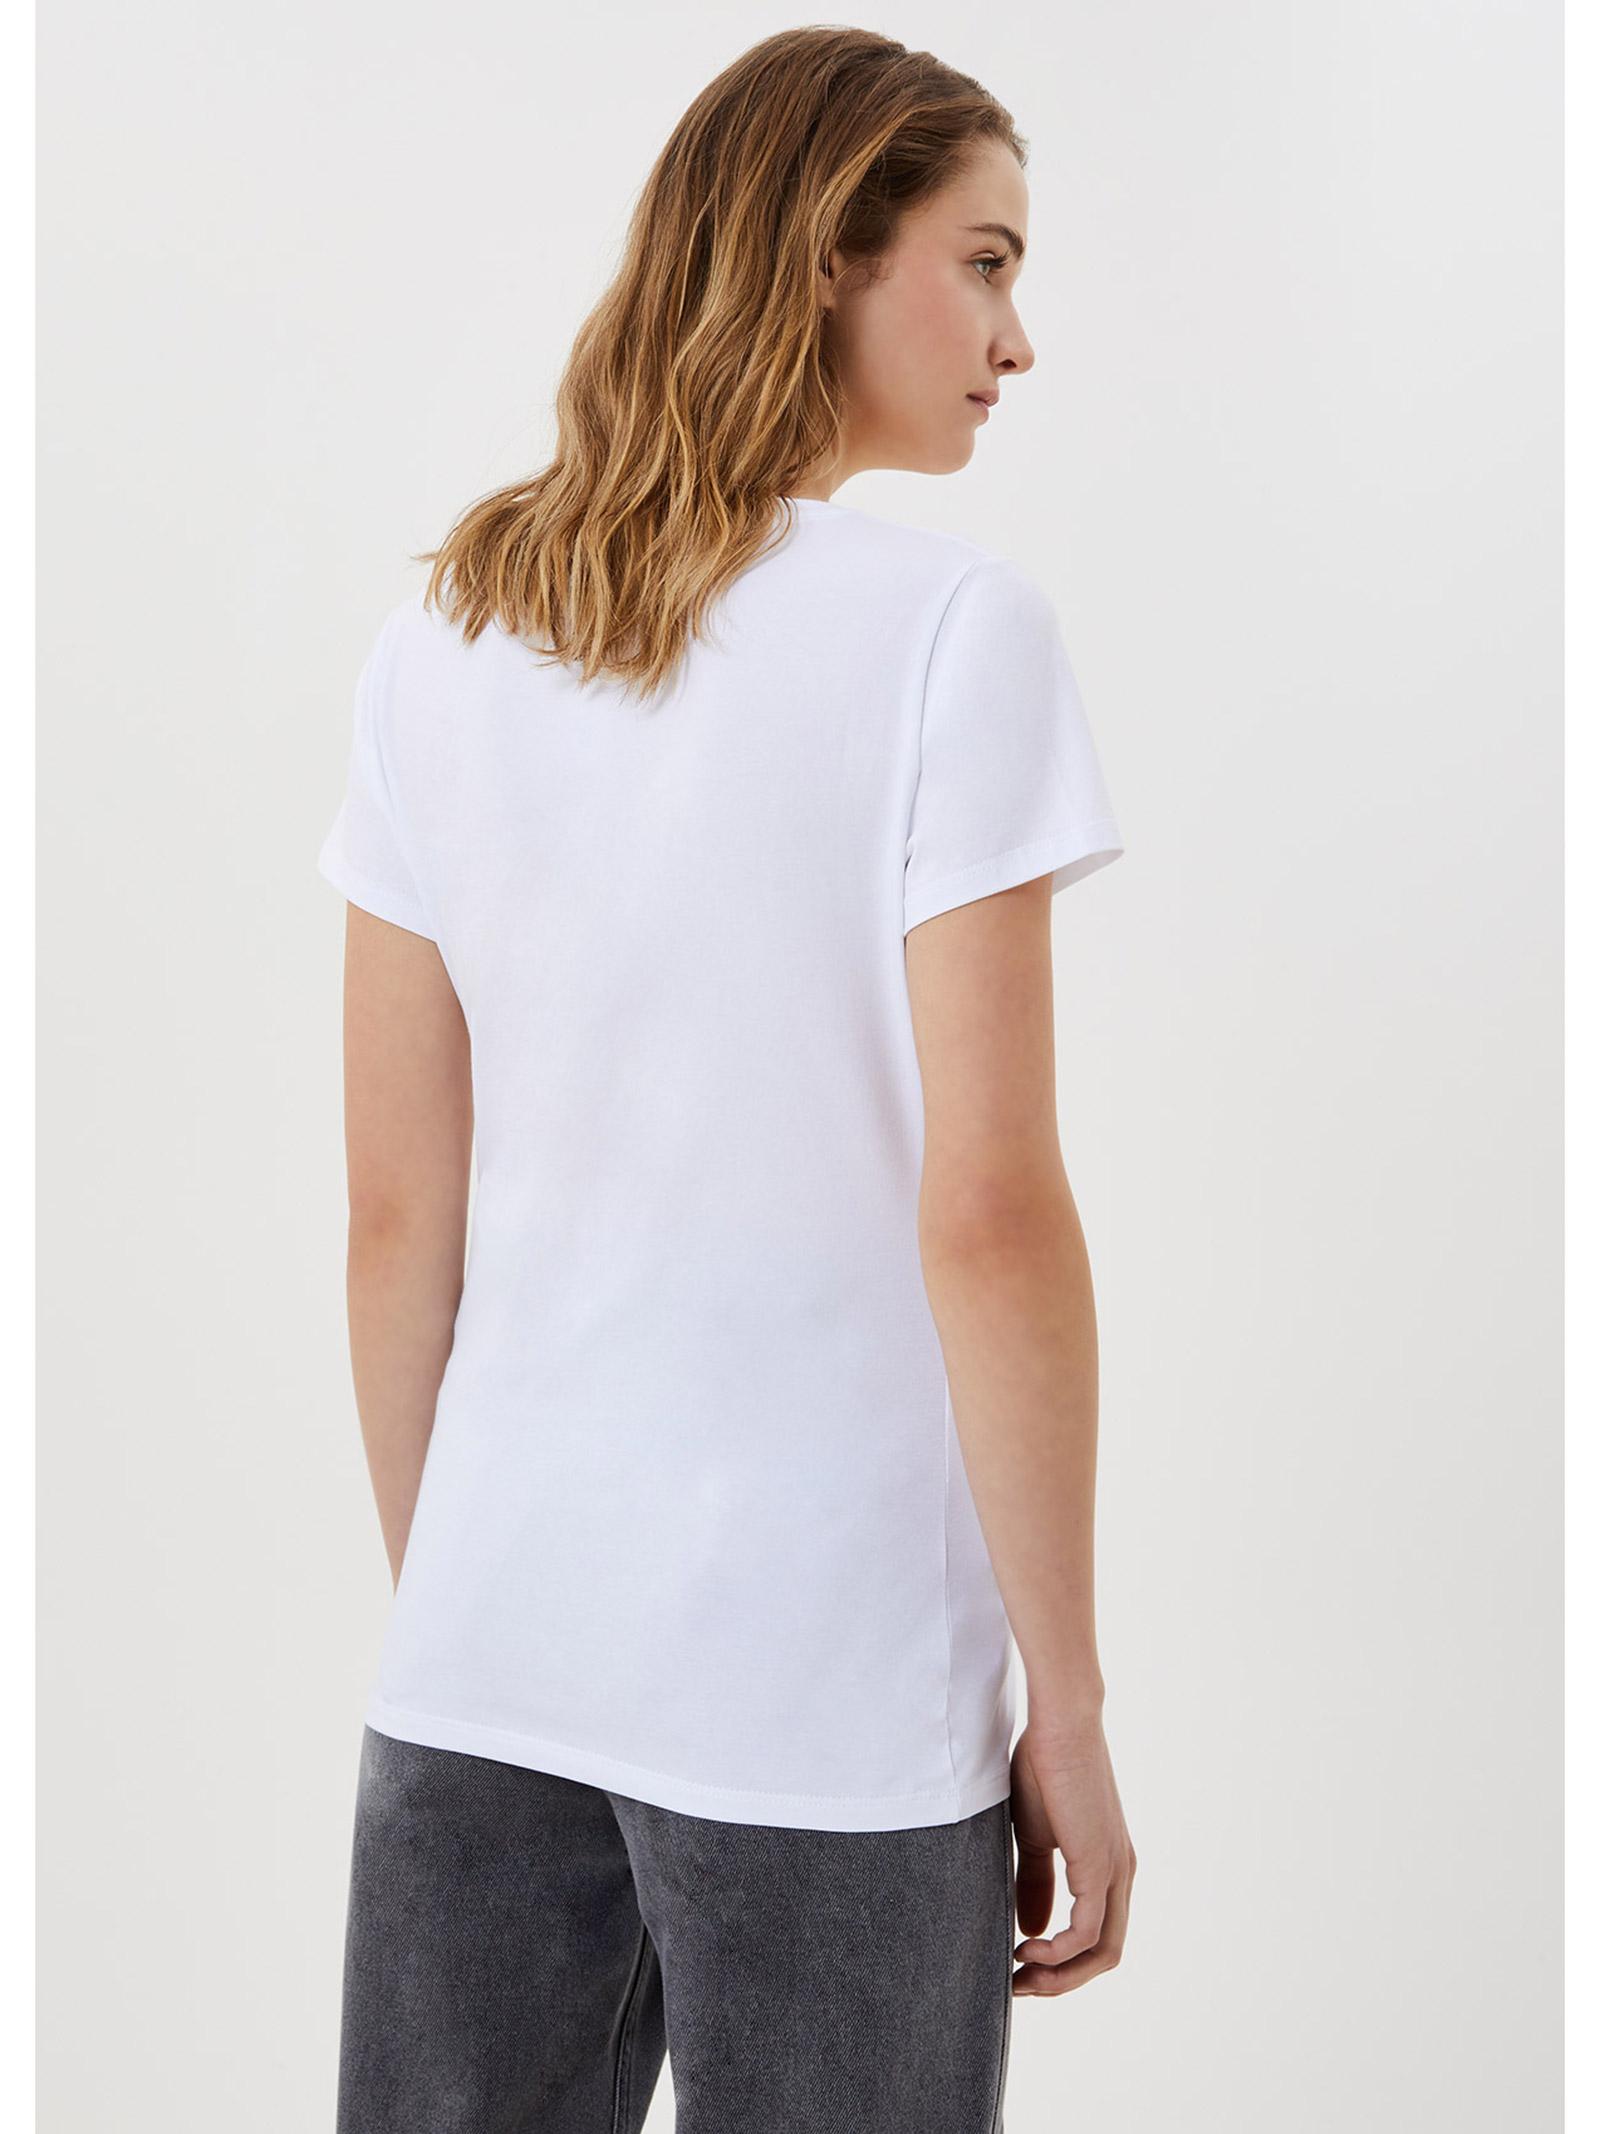 t-shirt lipstick LIU JO | T-shirt | WA1270J5003T9930